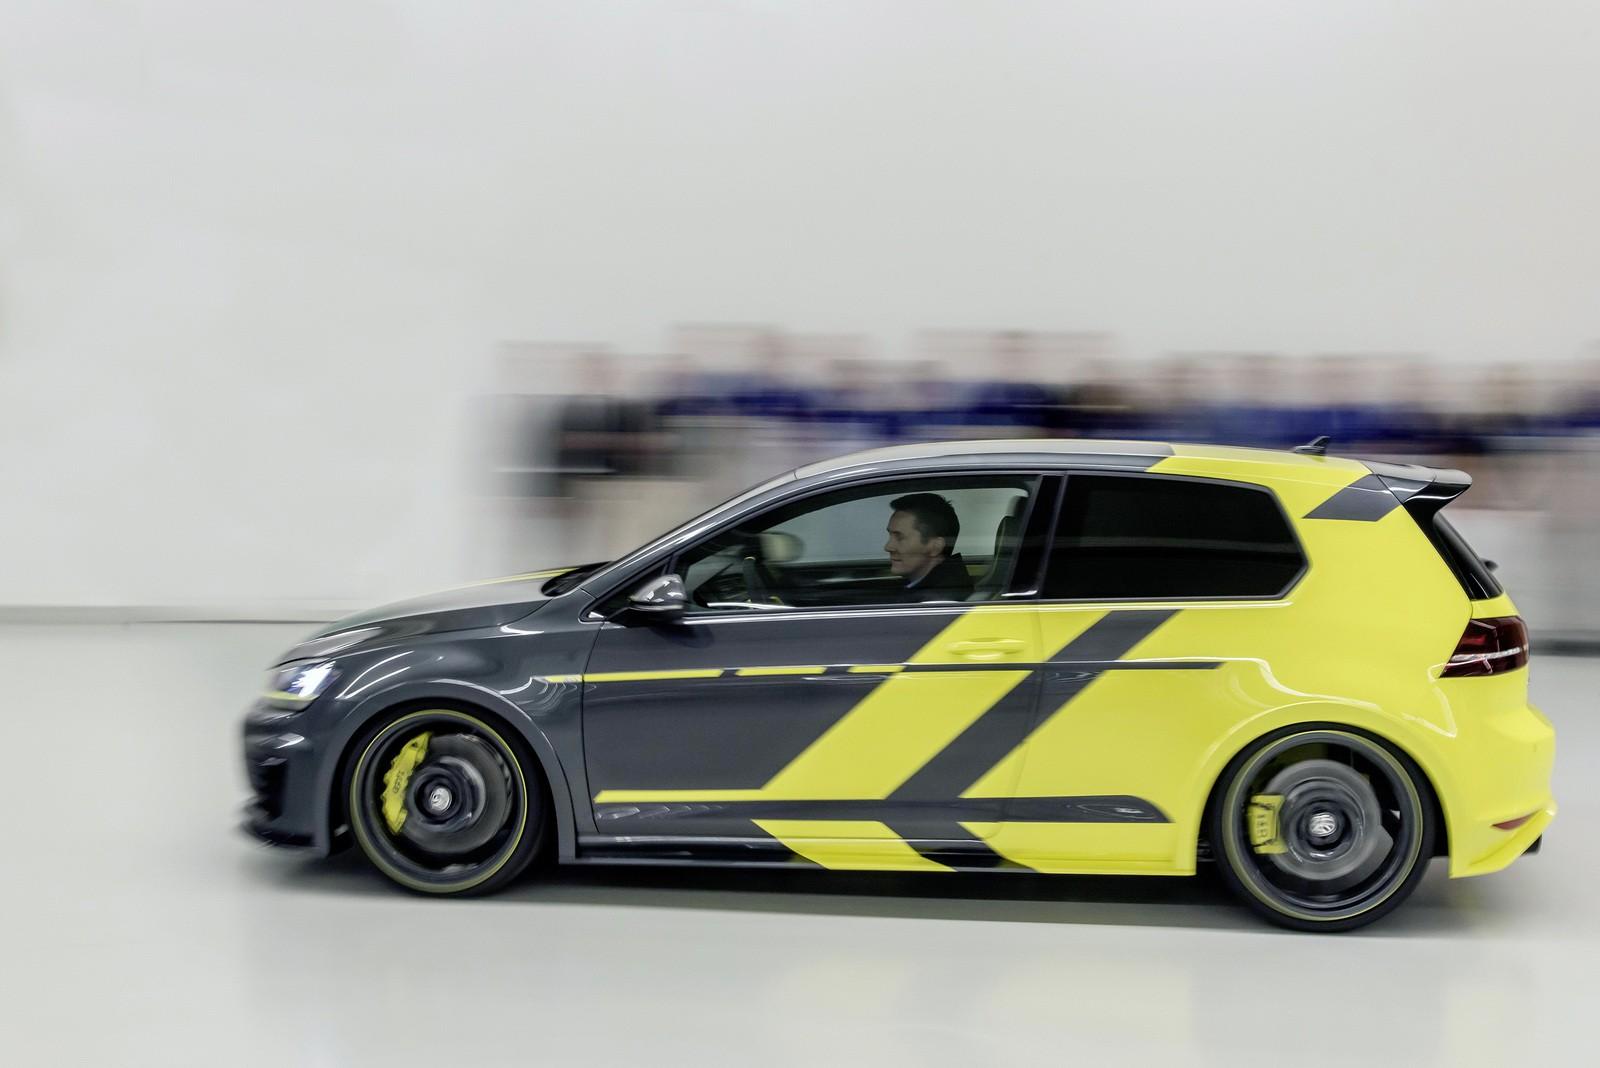 Volkswagen Golf Gti Dark Shine Debuts At Worthersee 2015